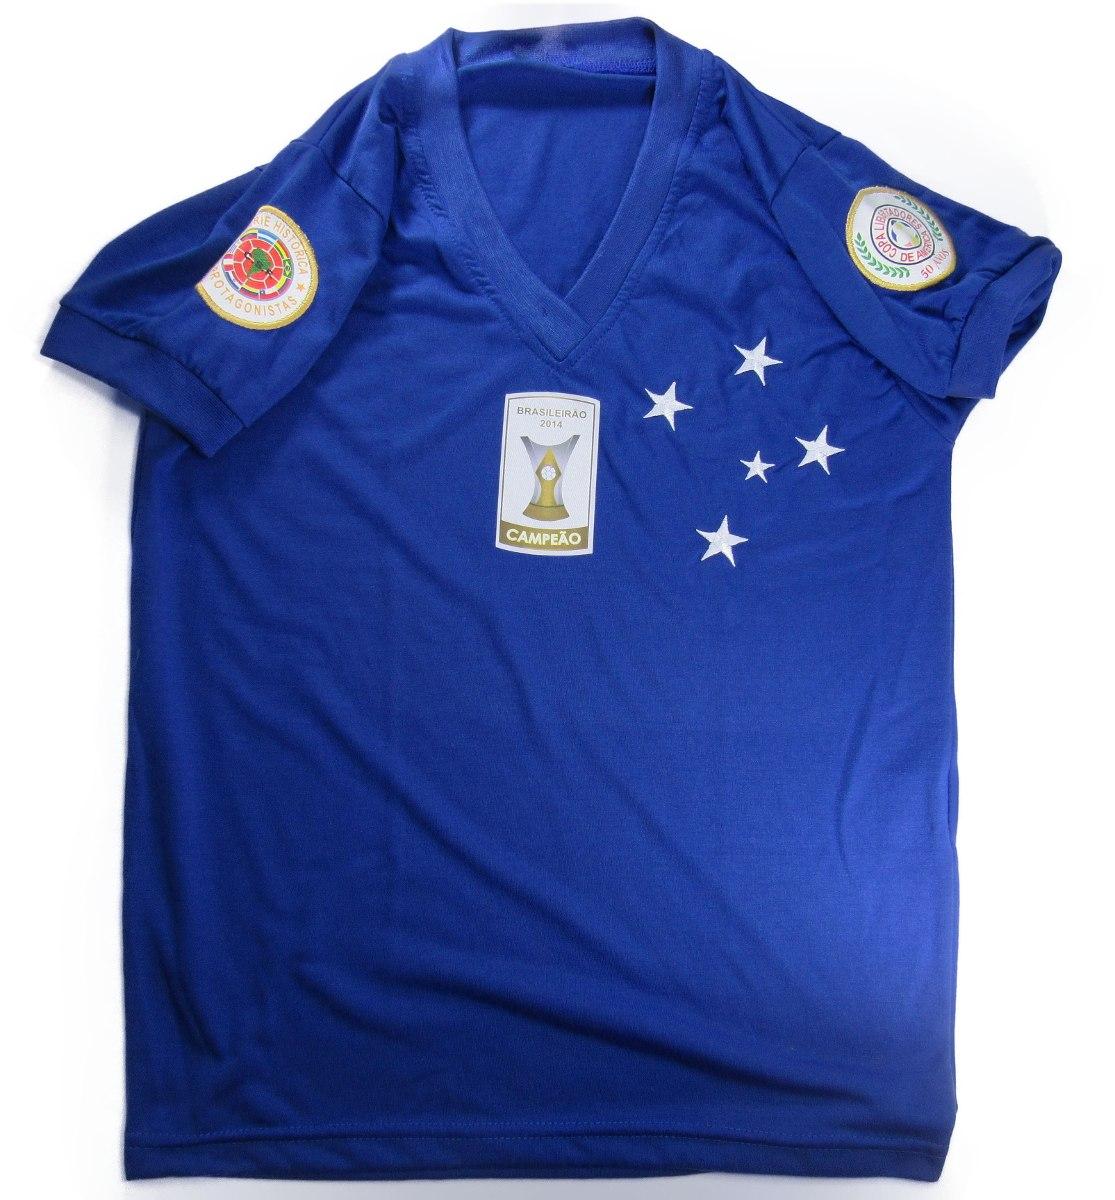 1a233dbf69 Camisa Cruzeiro Retro Brasileirão 2014 E Libertadores - R  39